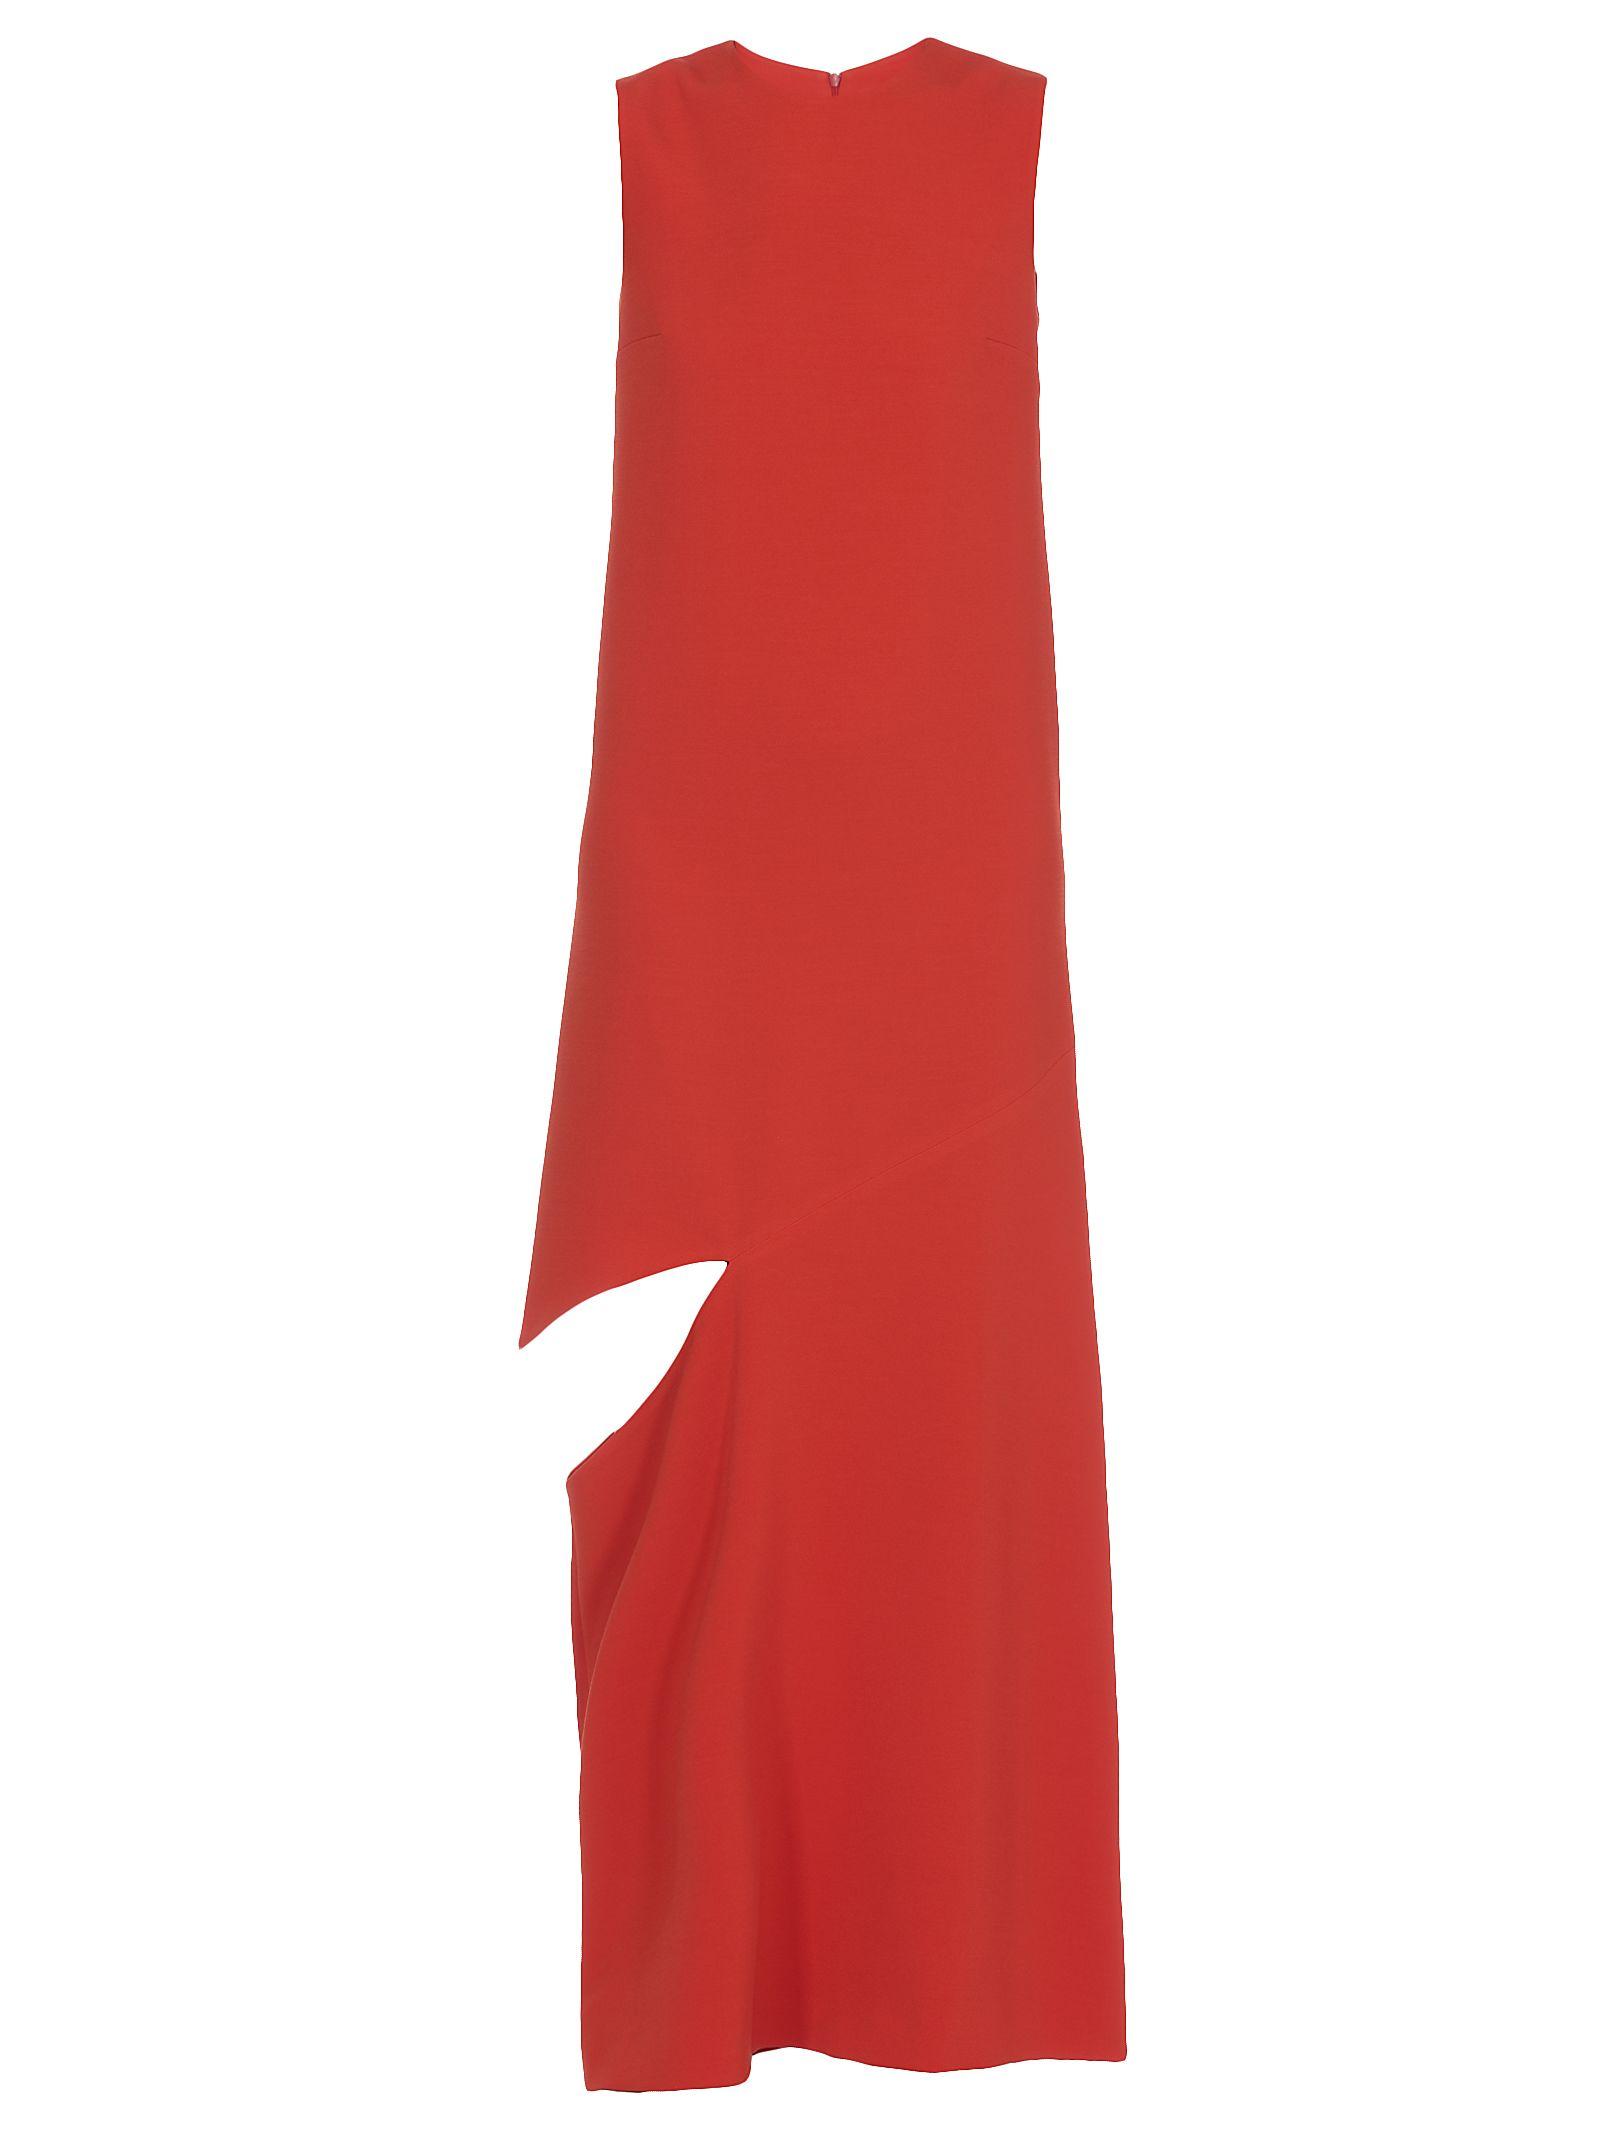 Maison Margiela Plain Color Dress